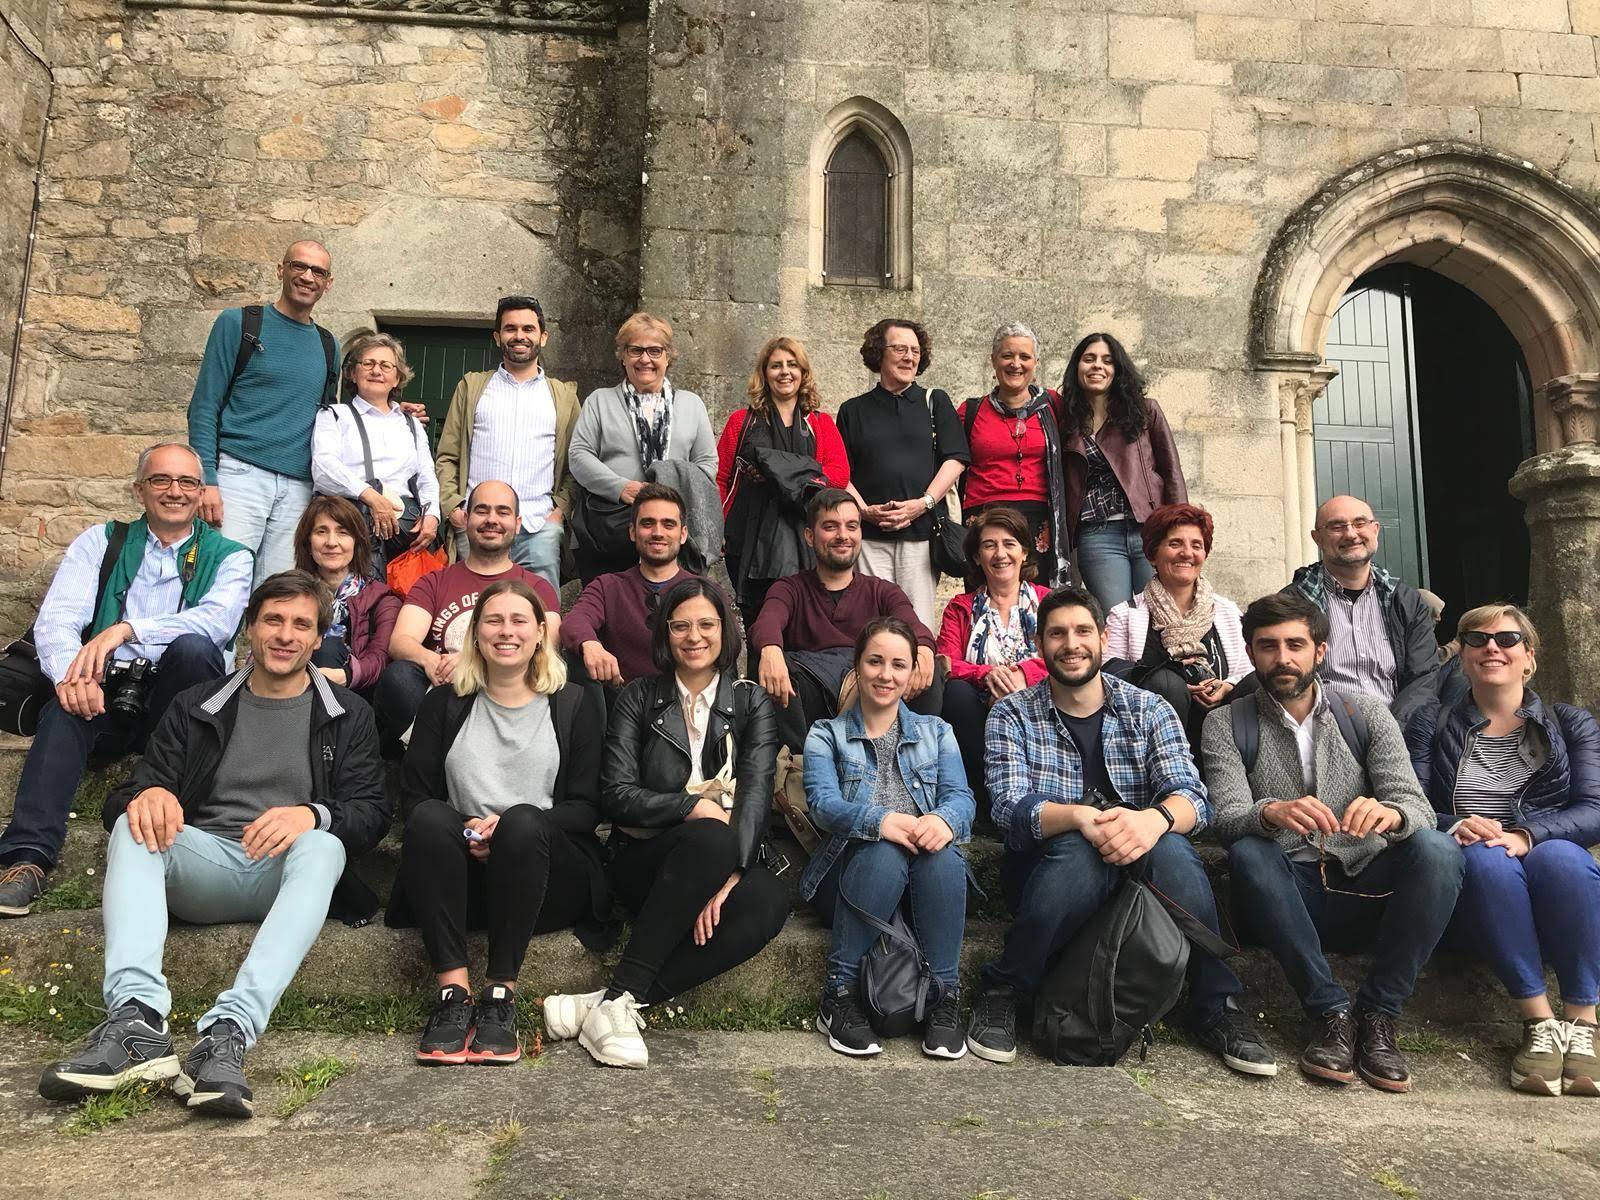 Con amigos y compañeros historiadores del arte en Galicia